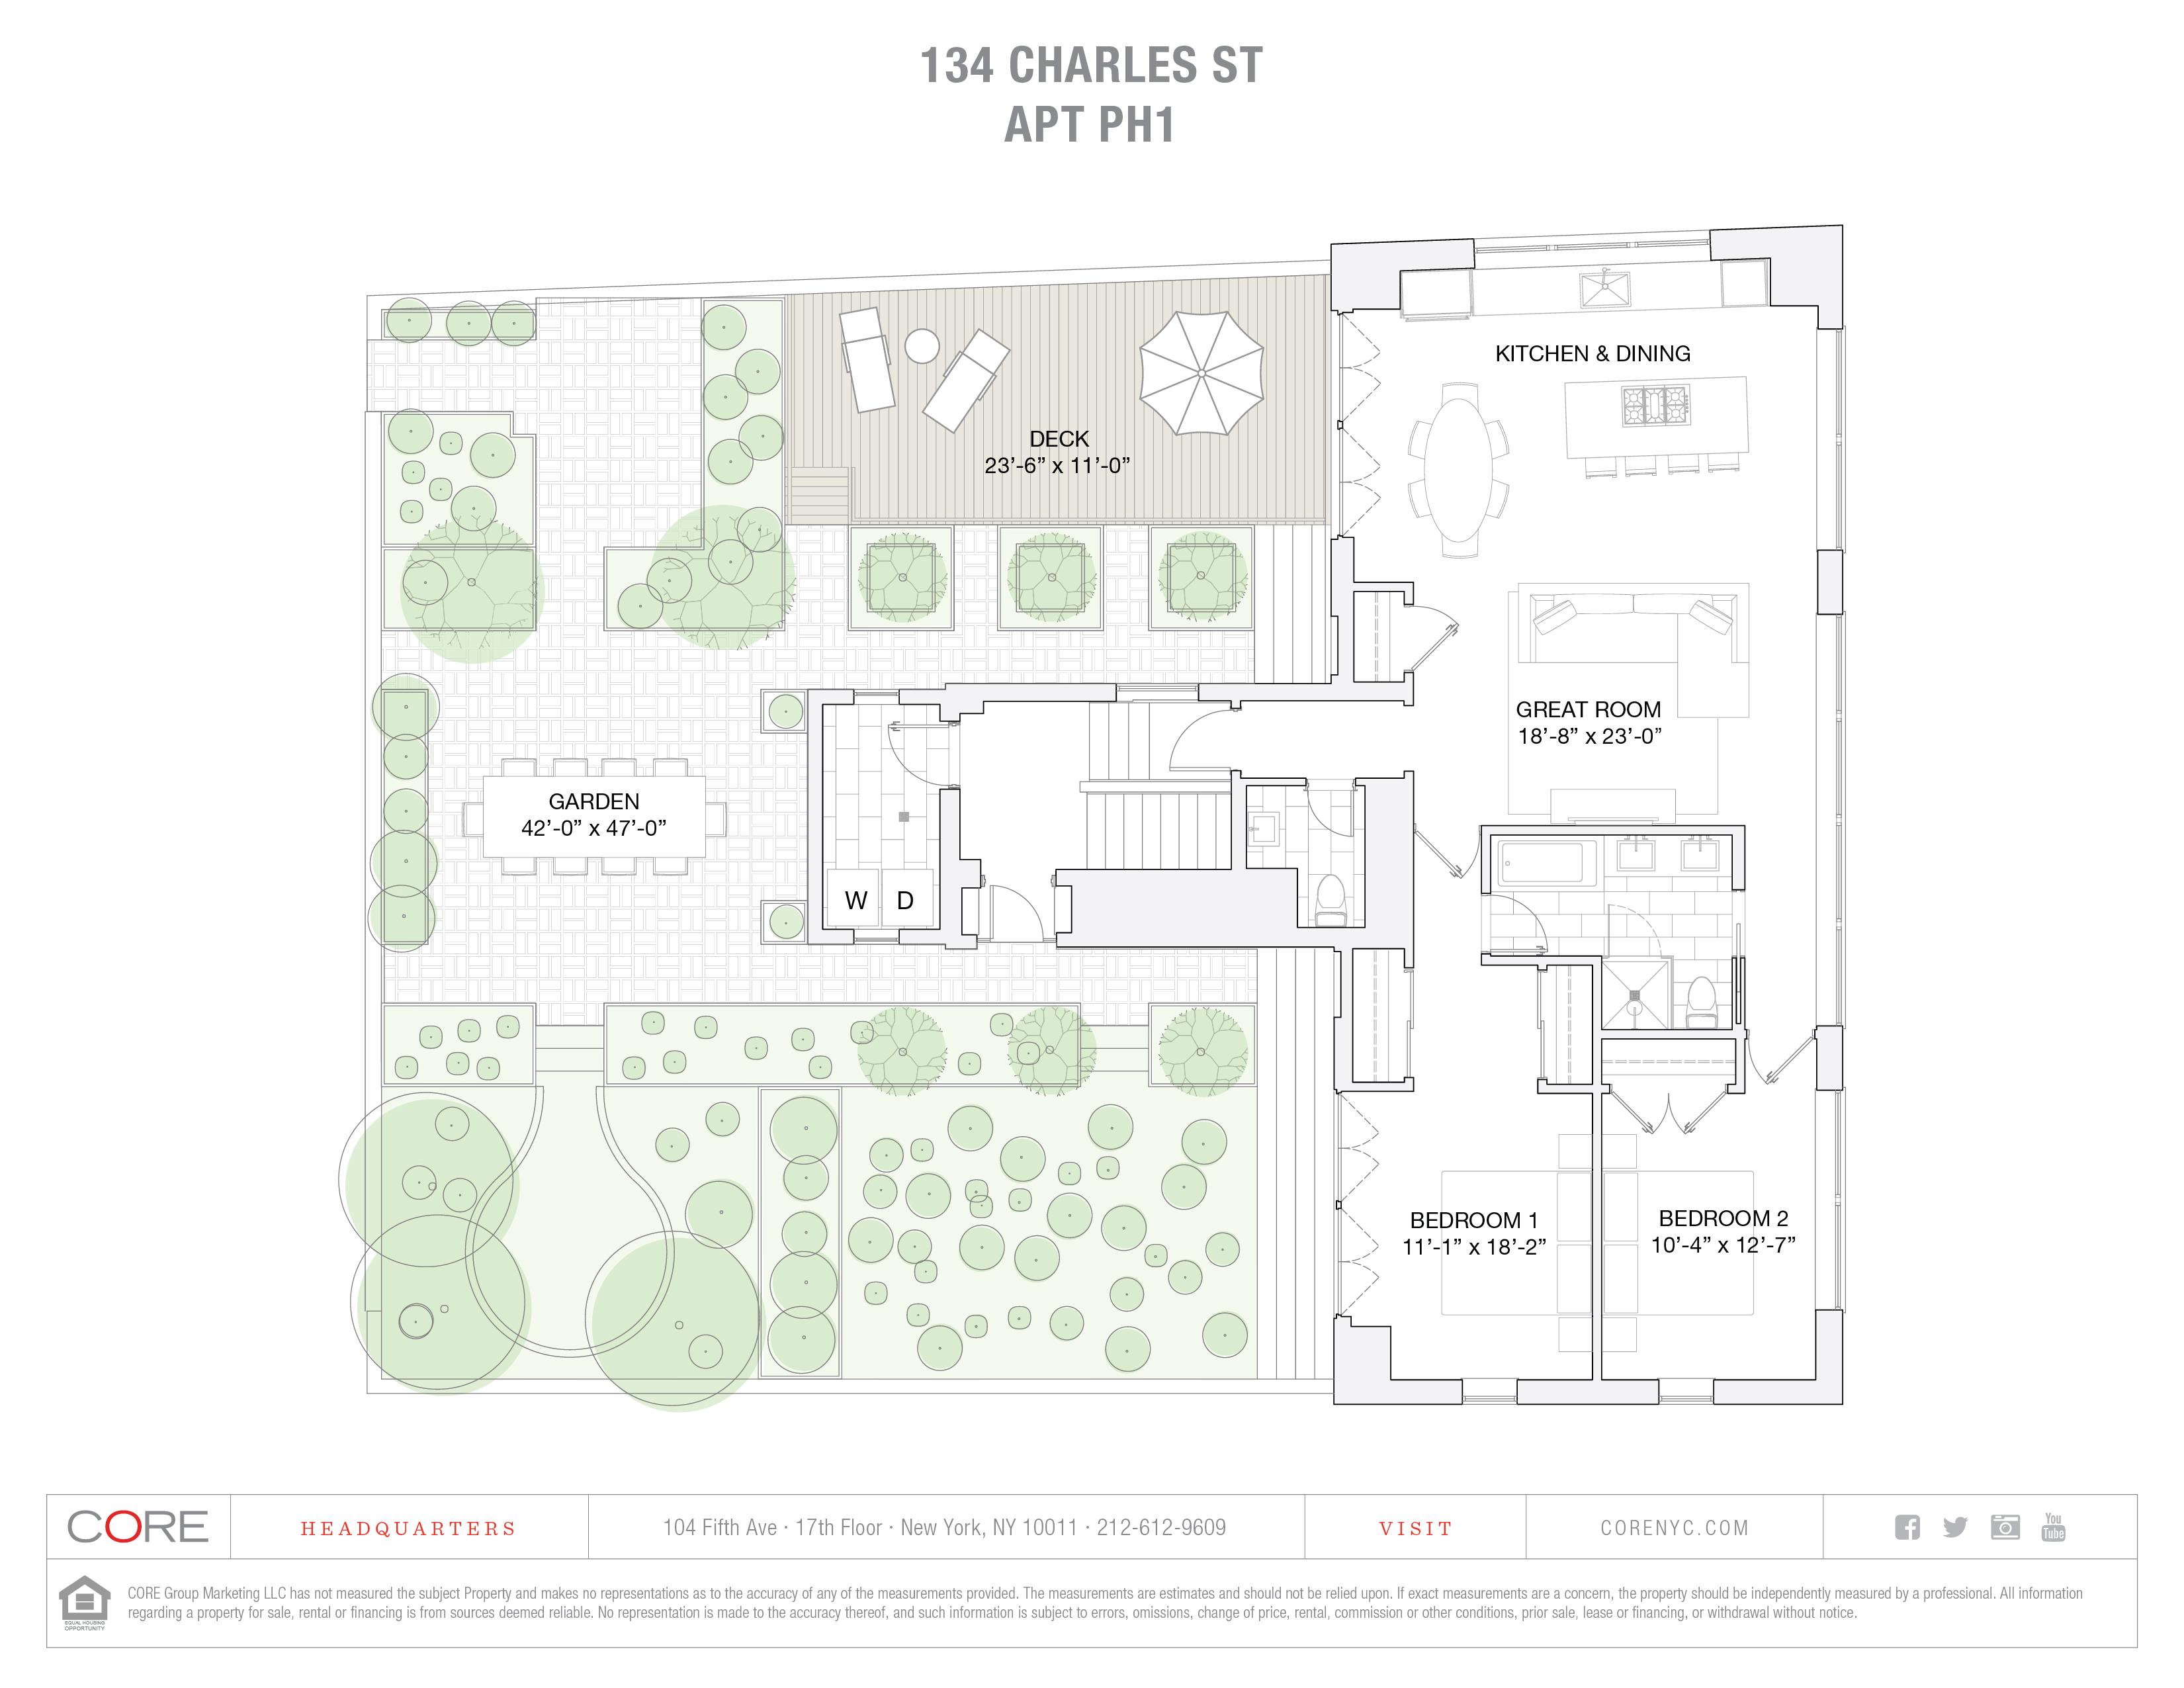 134 Charles St. PH1, New York, NY 10014